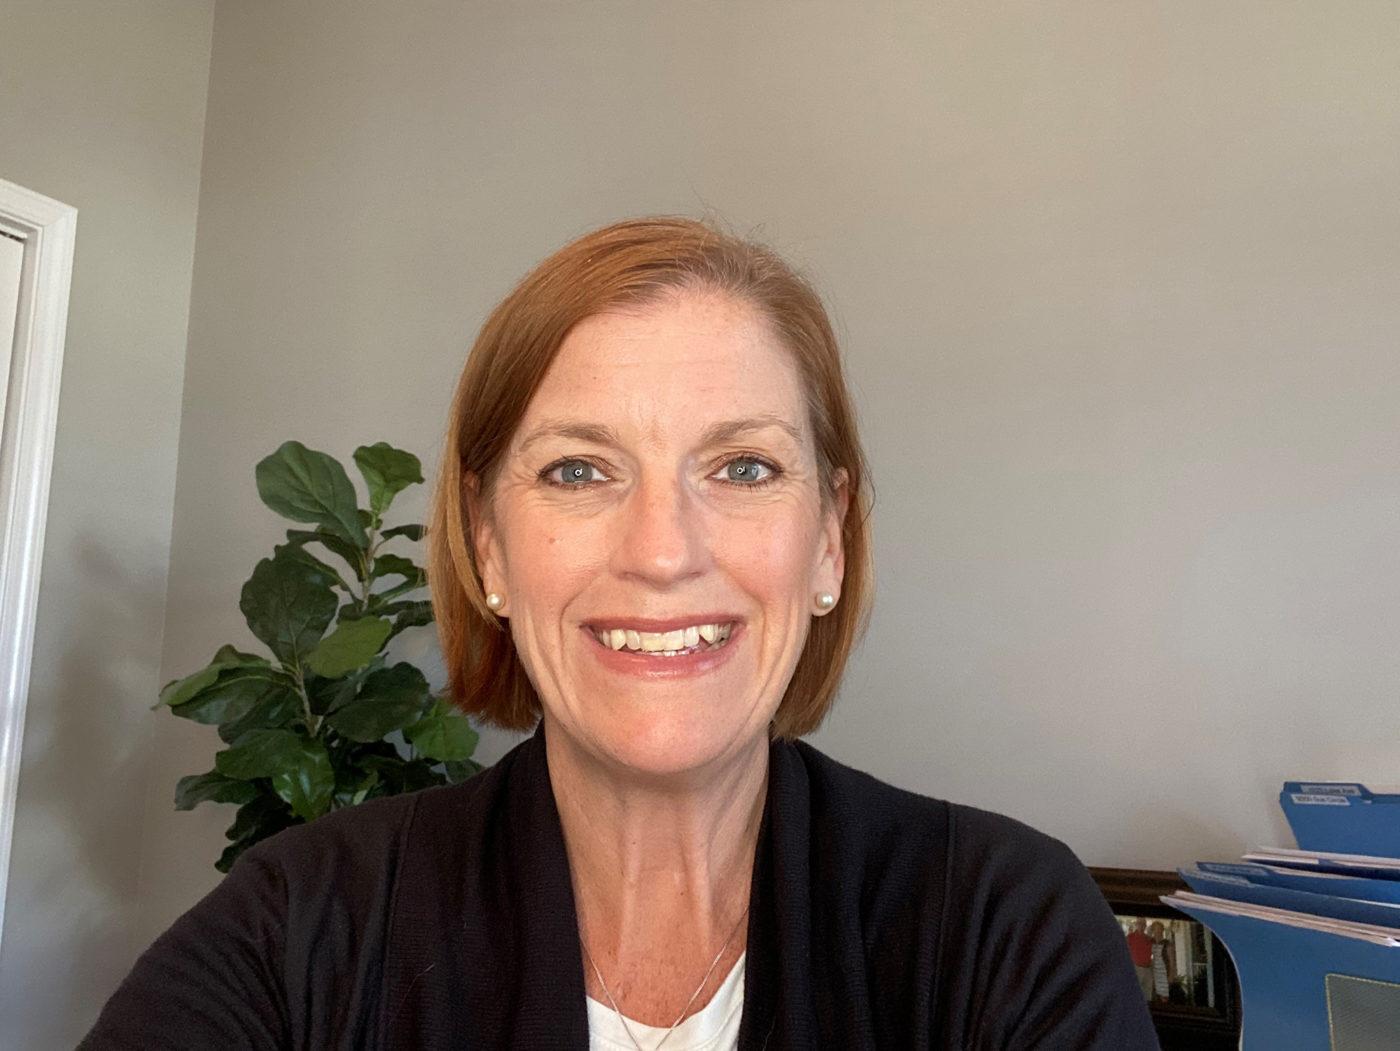 3-8 Market Update - Melanie Cameron